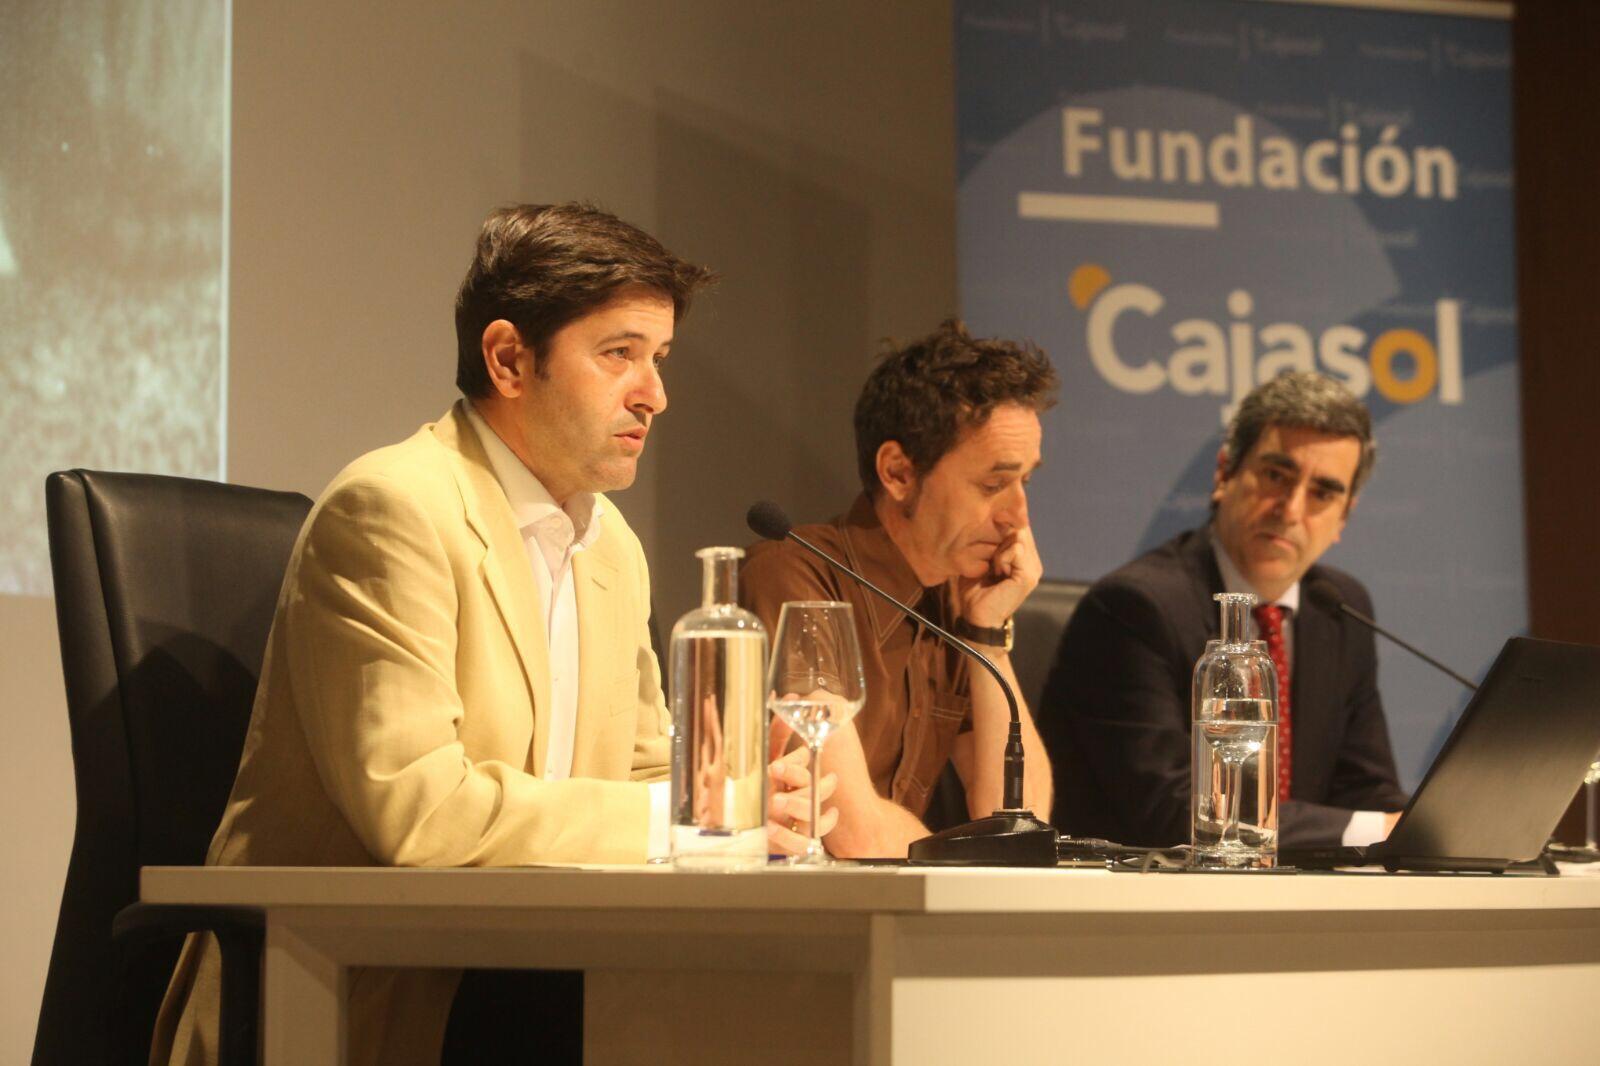 Conferencia sobre 'Manolete' en la Fundación Cajasol (Córdoba)